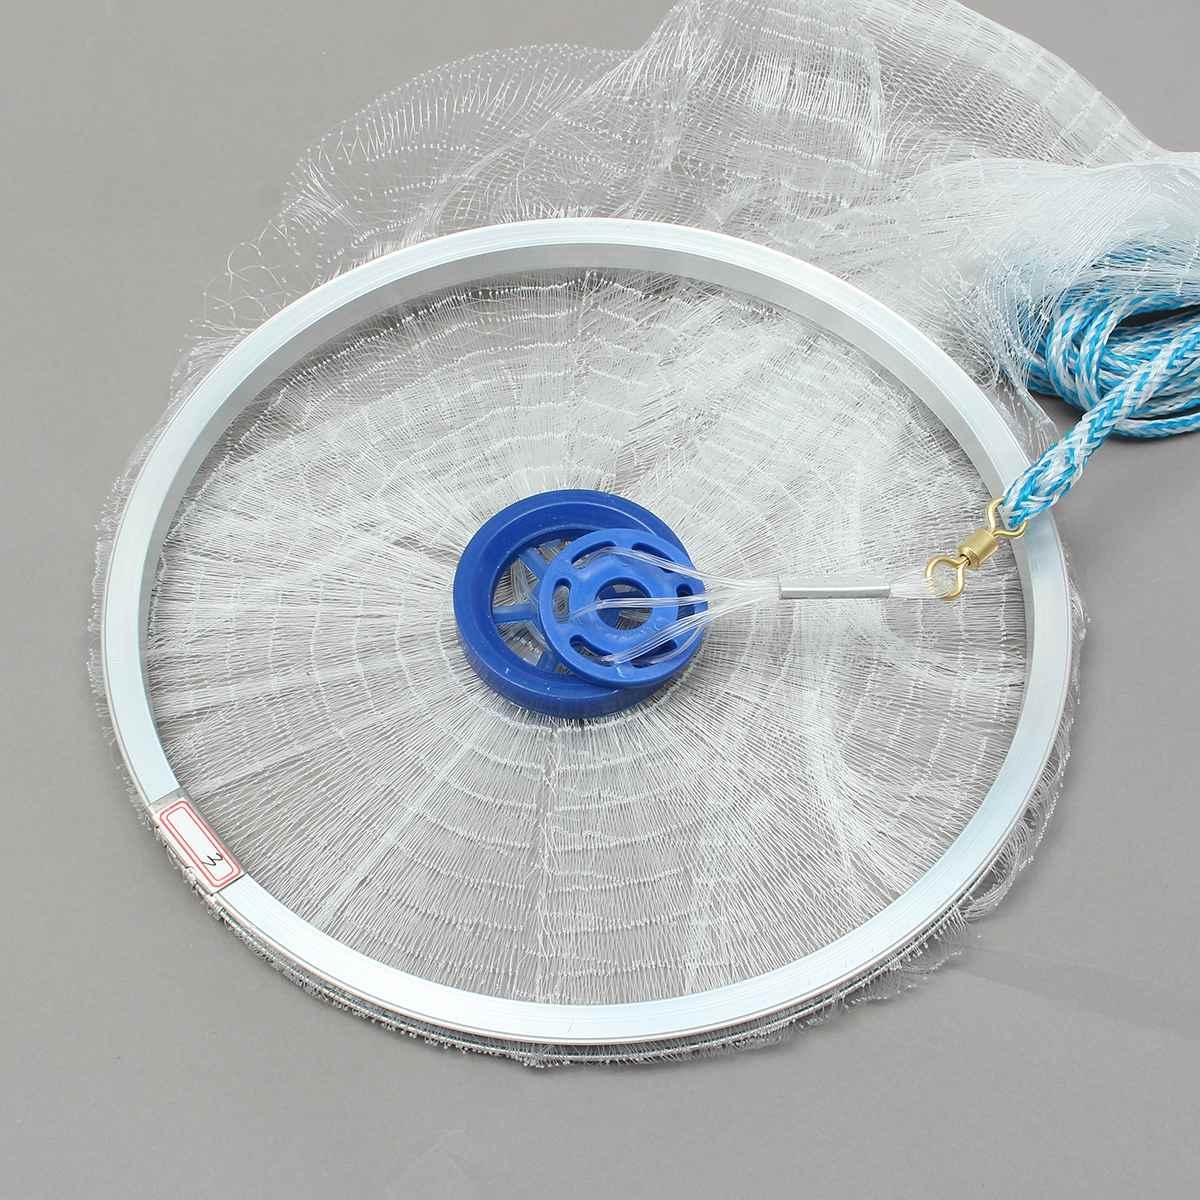 8ft rede pesca peixe fundido 04